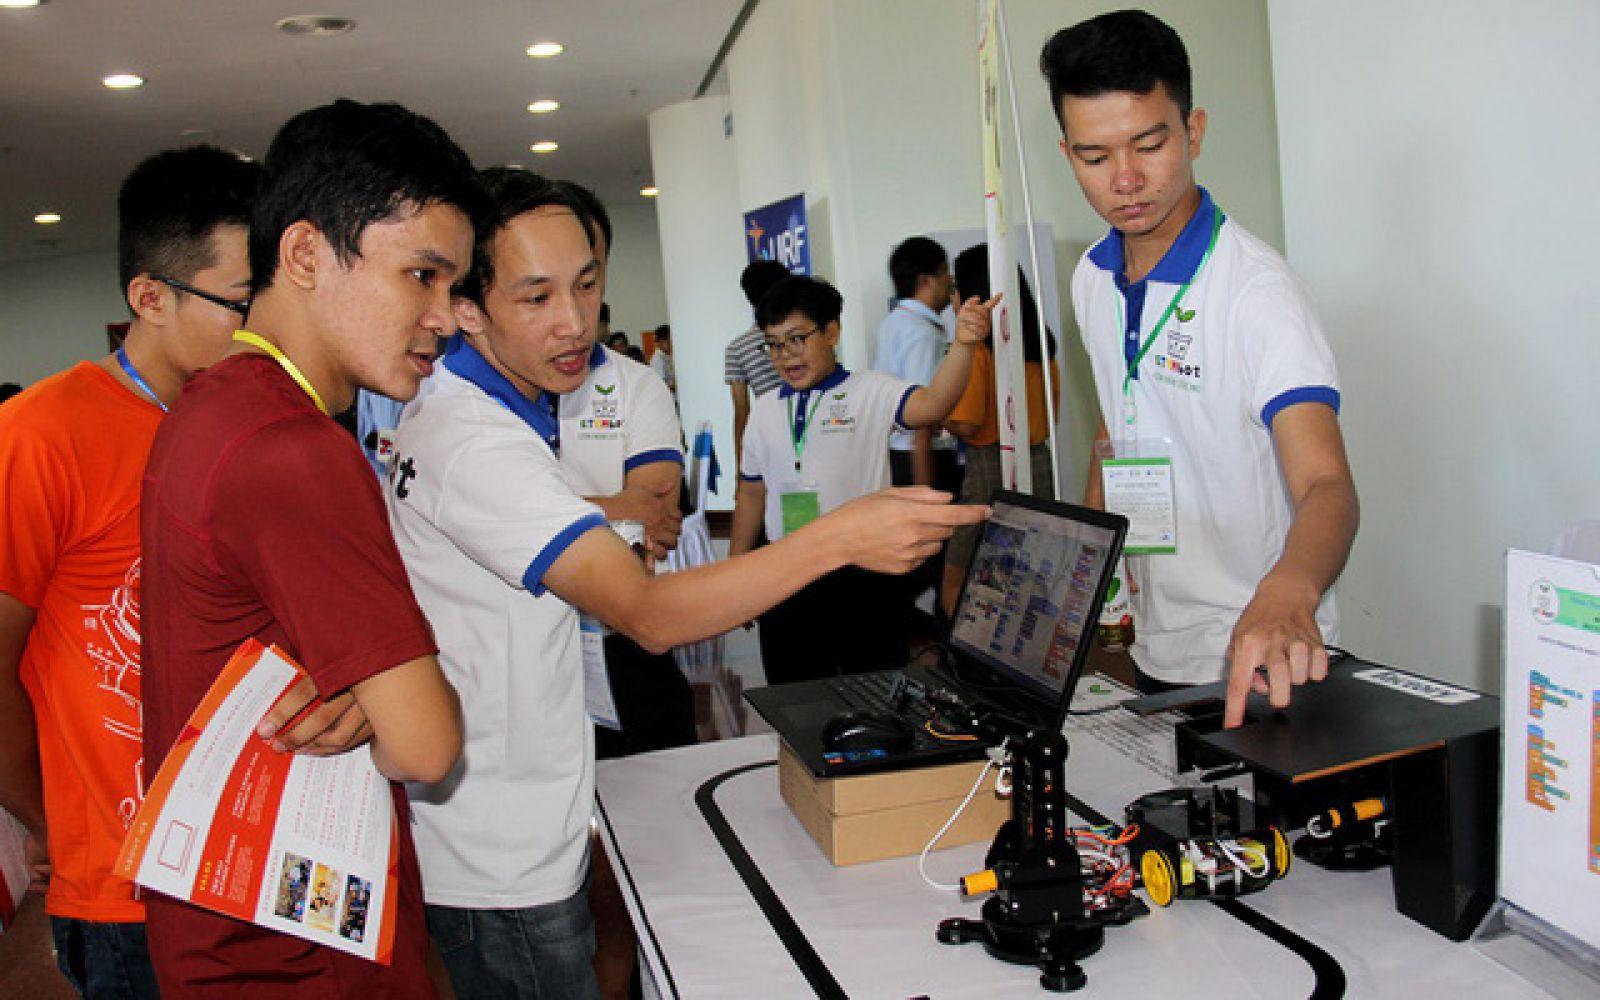 Một số sản phẩm khởi nghiệp sáng tạo do doanh nghiệp mới thành lập tại Đà Nẵng chế tạo - Ảnh: Tr. Trung